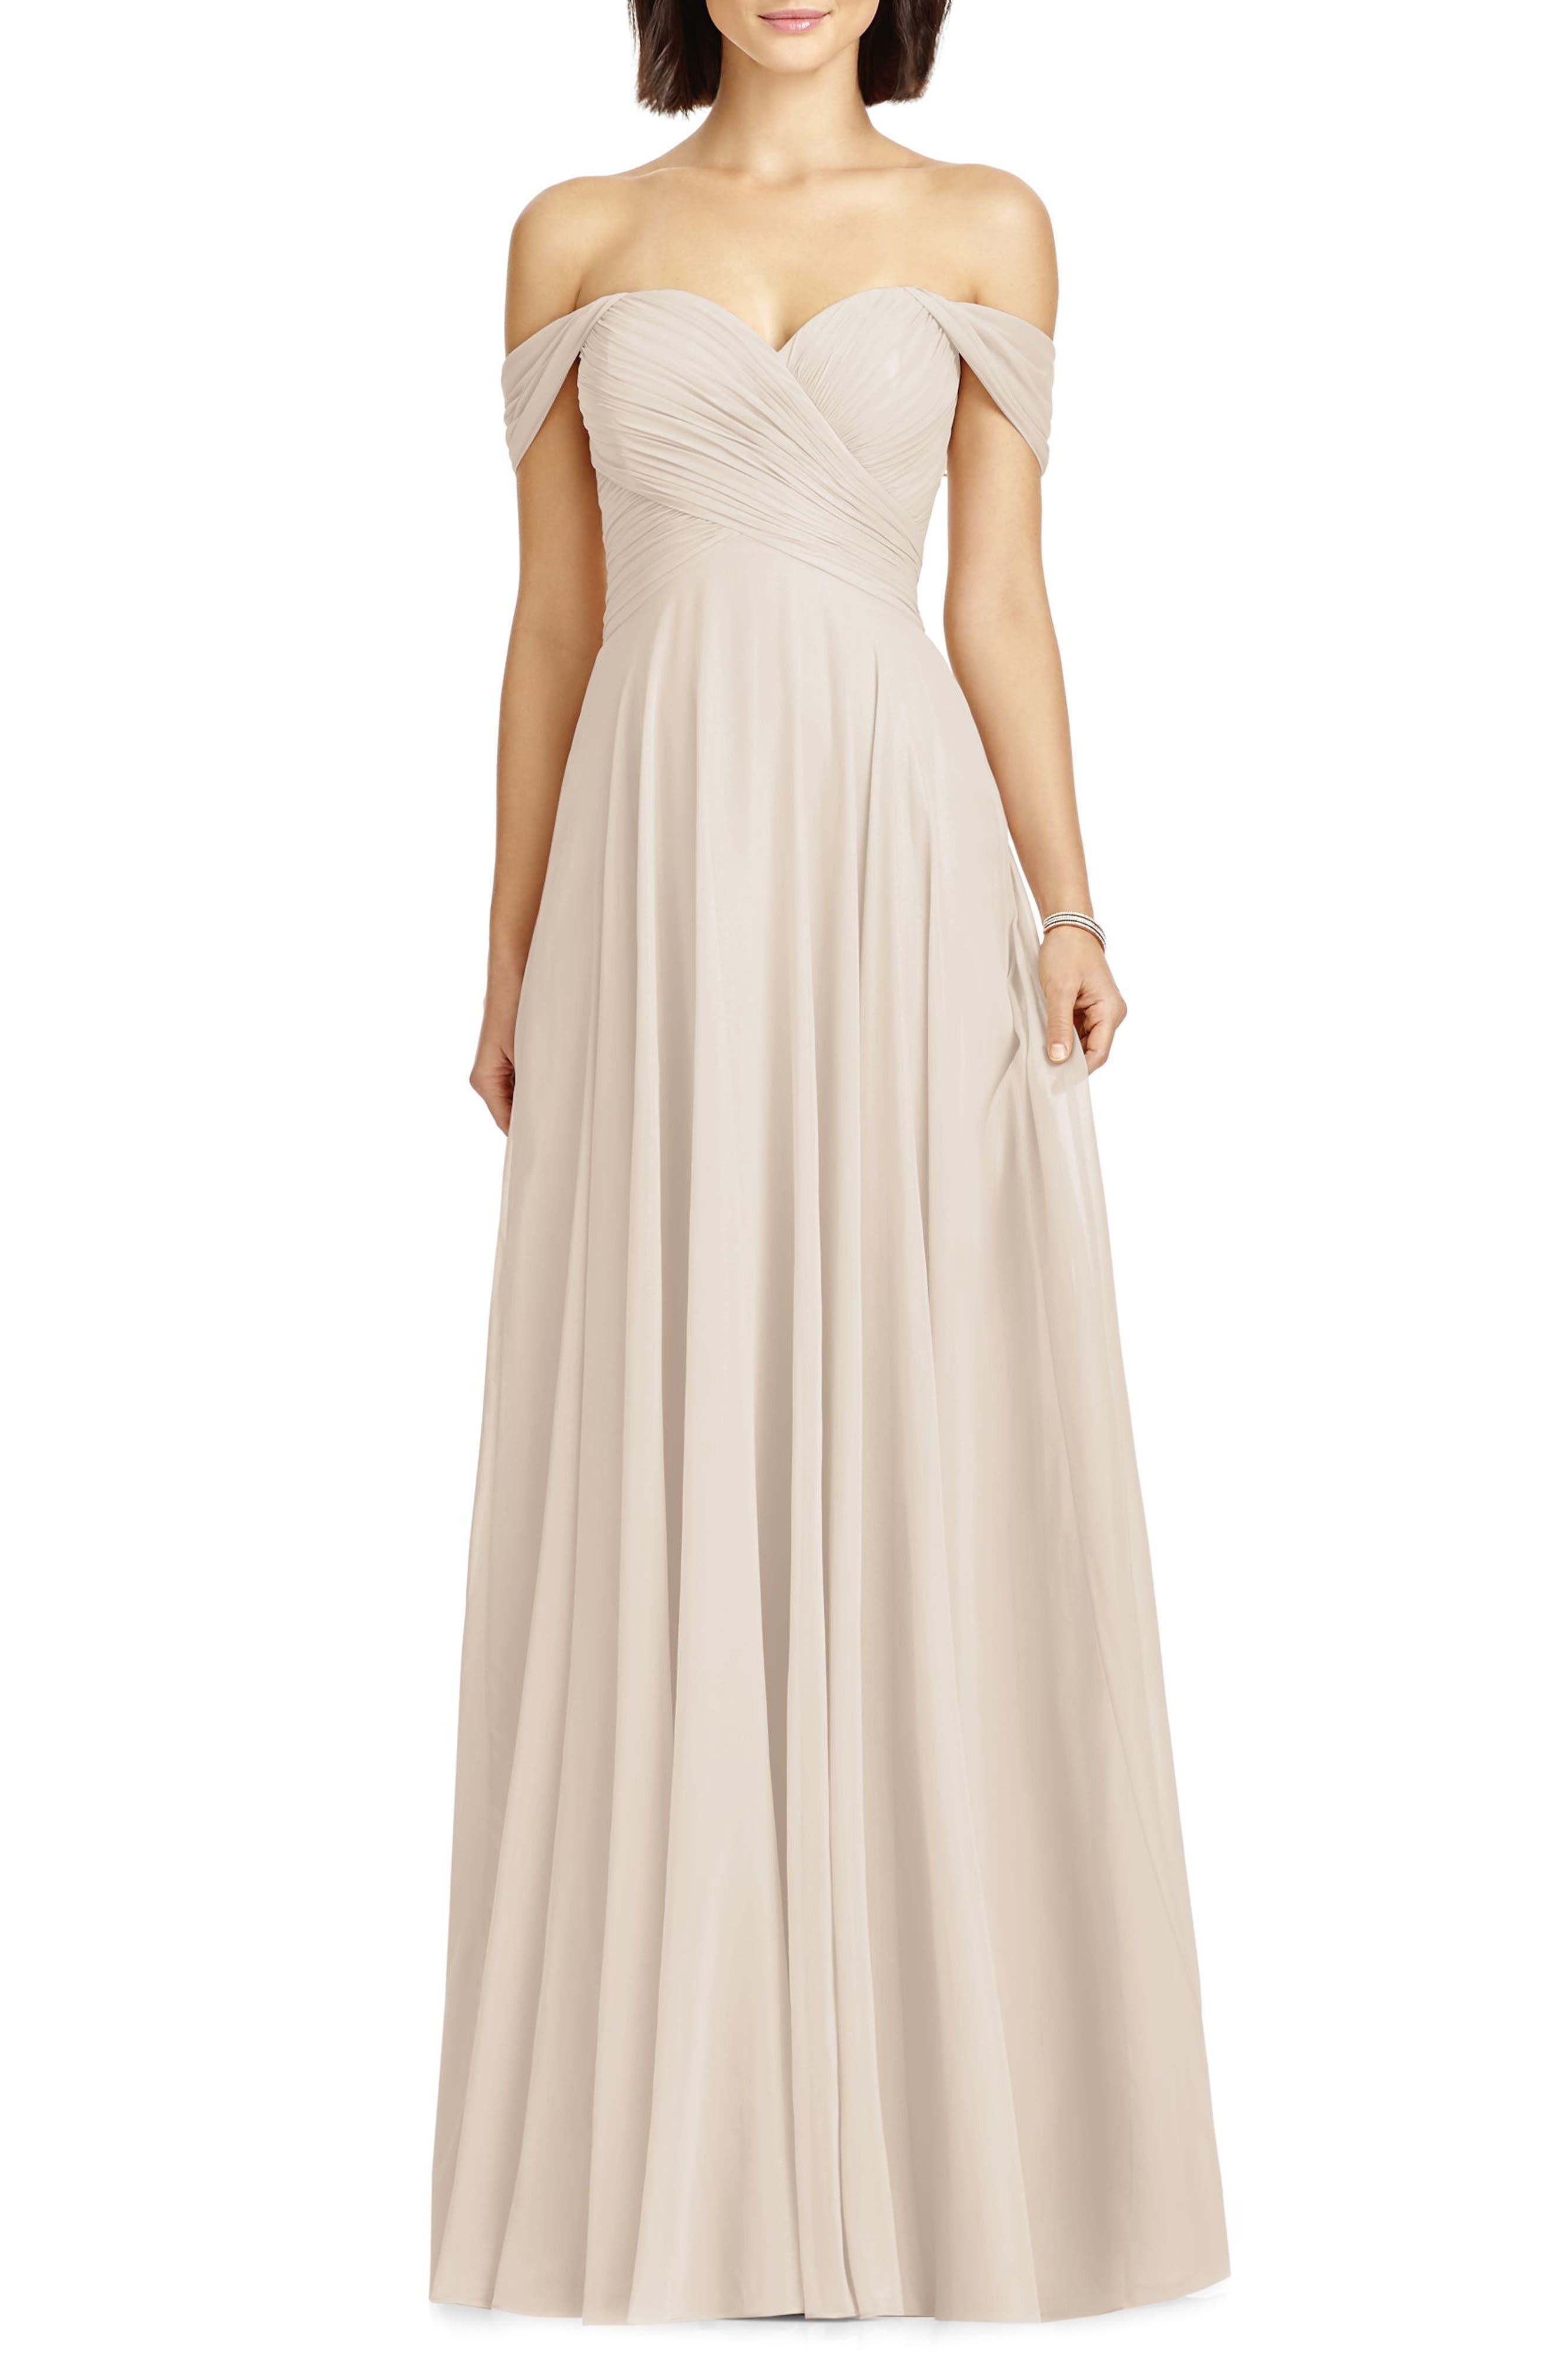 Rose Sweetheart Chiffon Dress